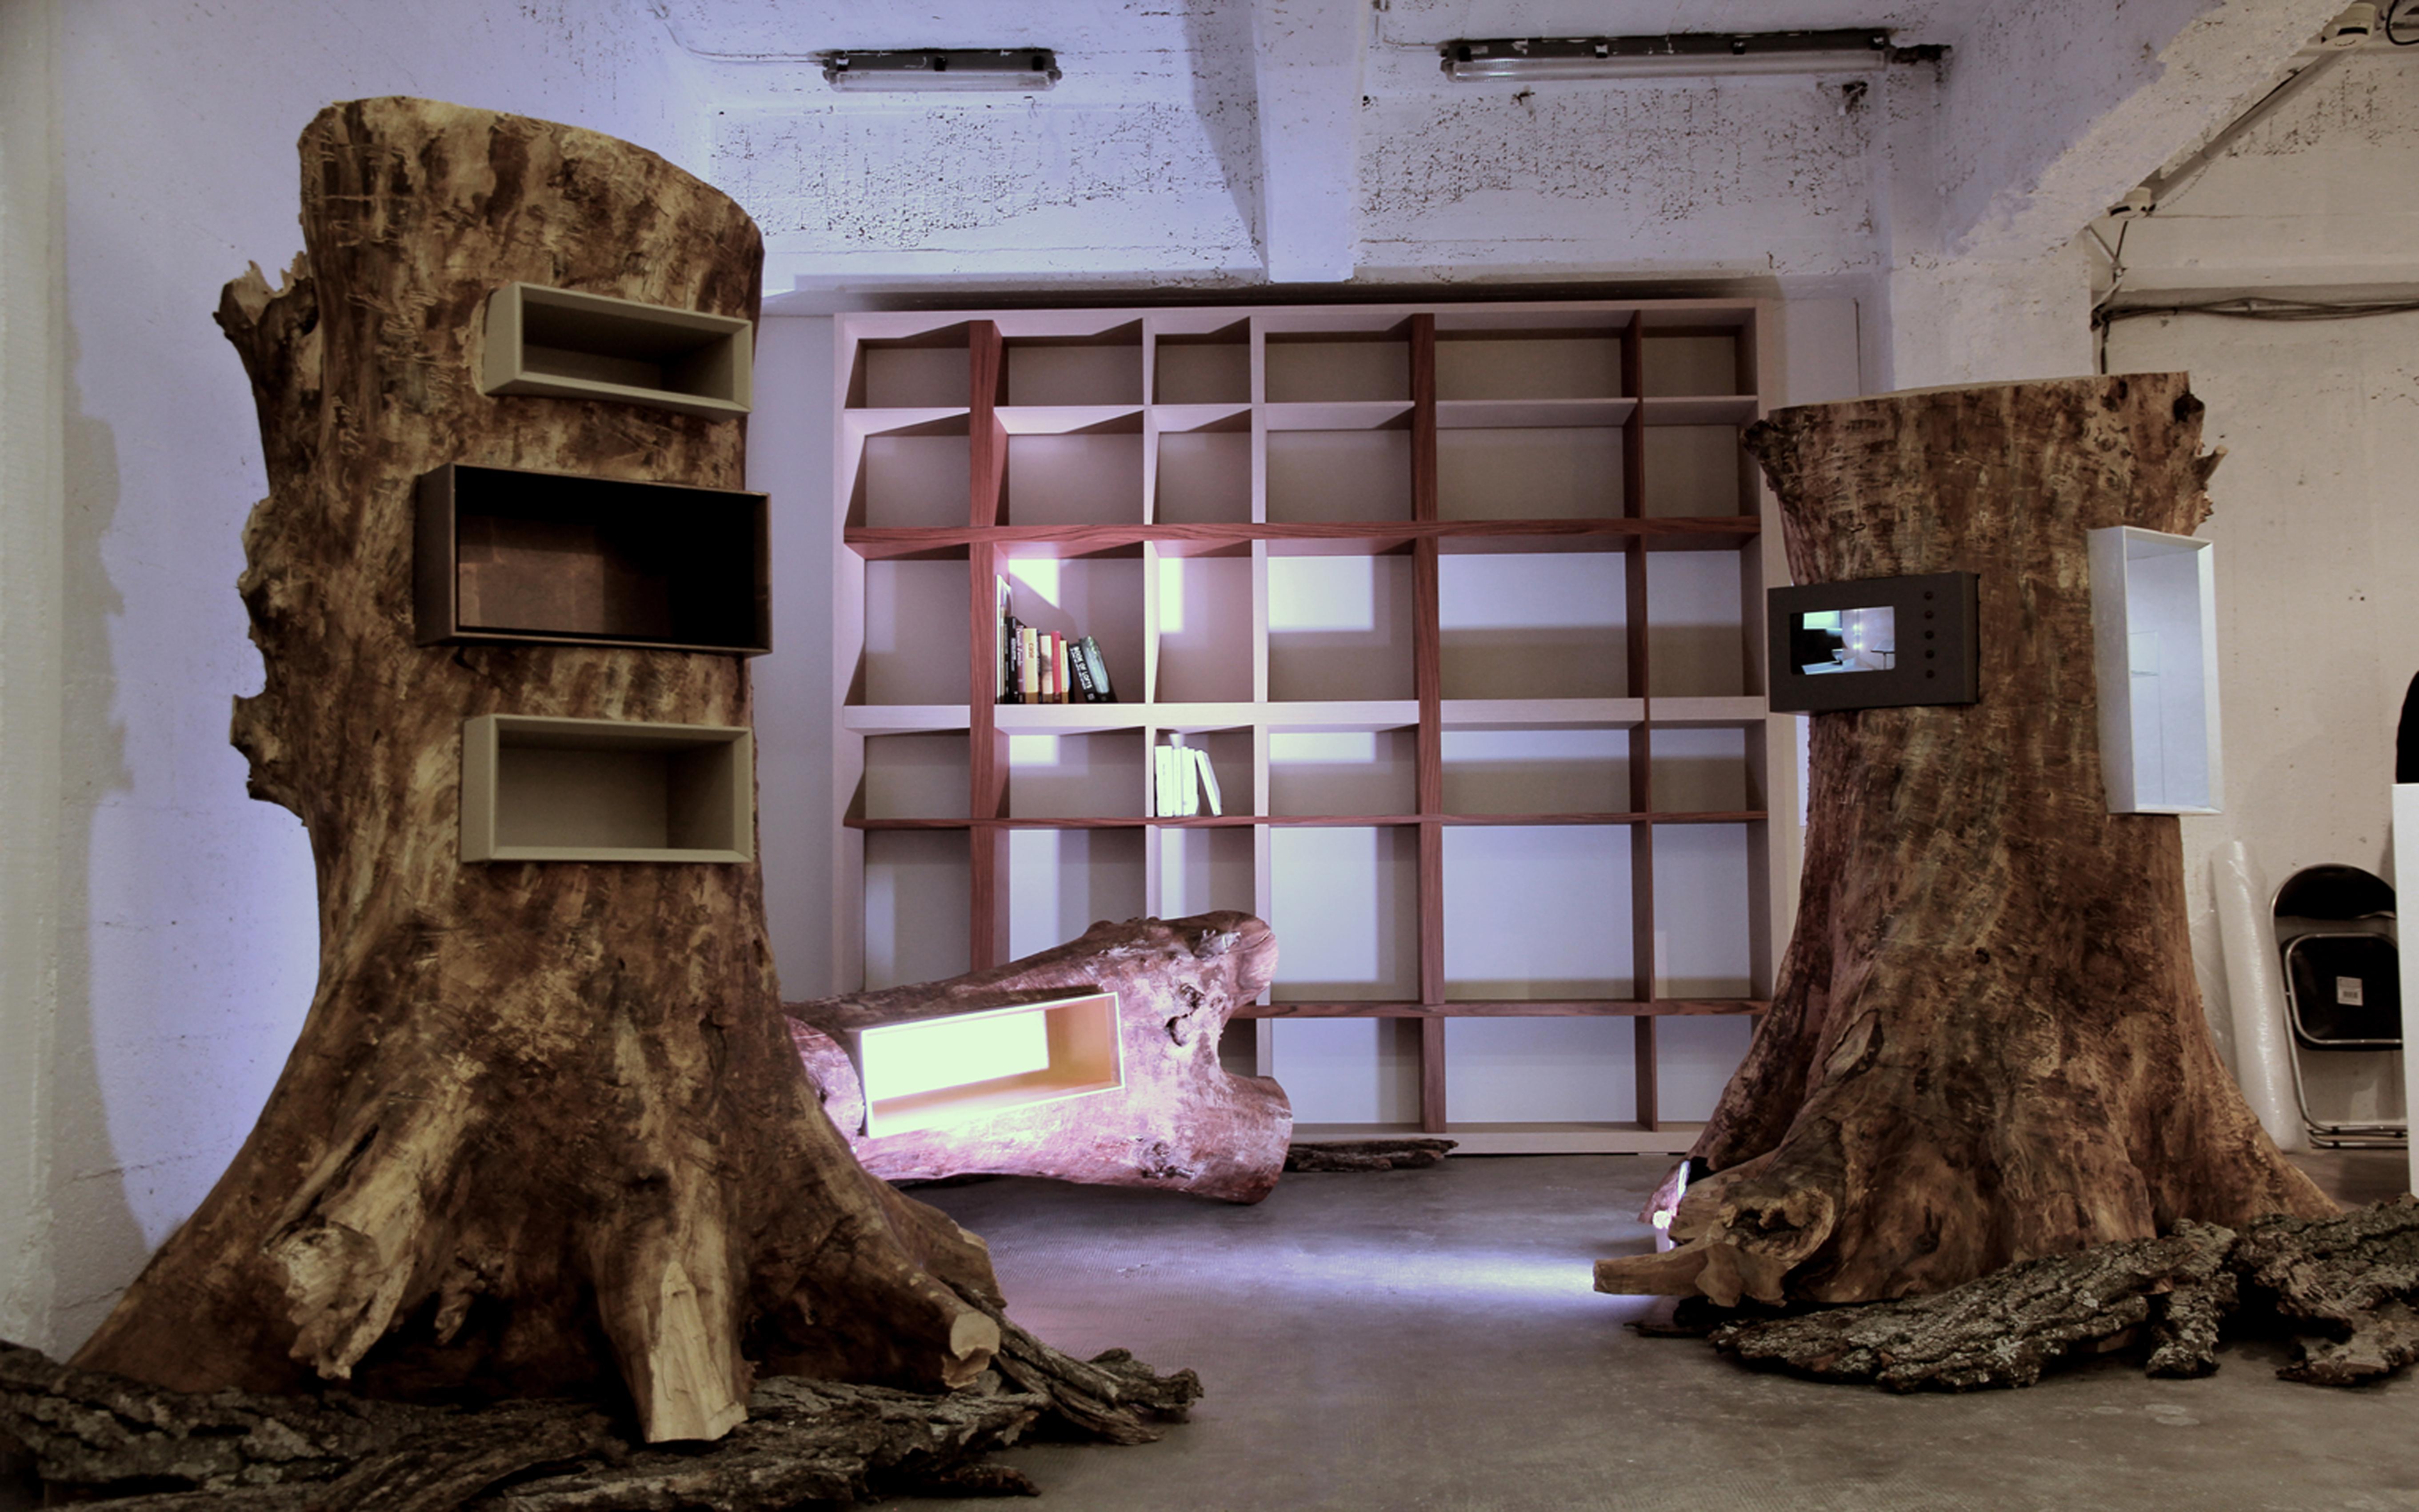 Fuorisalone milano 2012 fc arredamenti for Fuorisalone milano